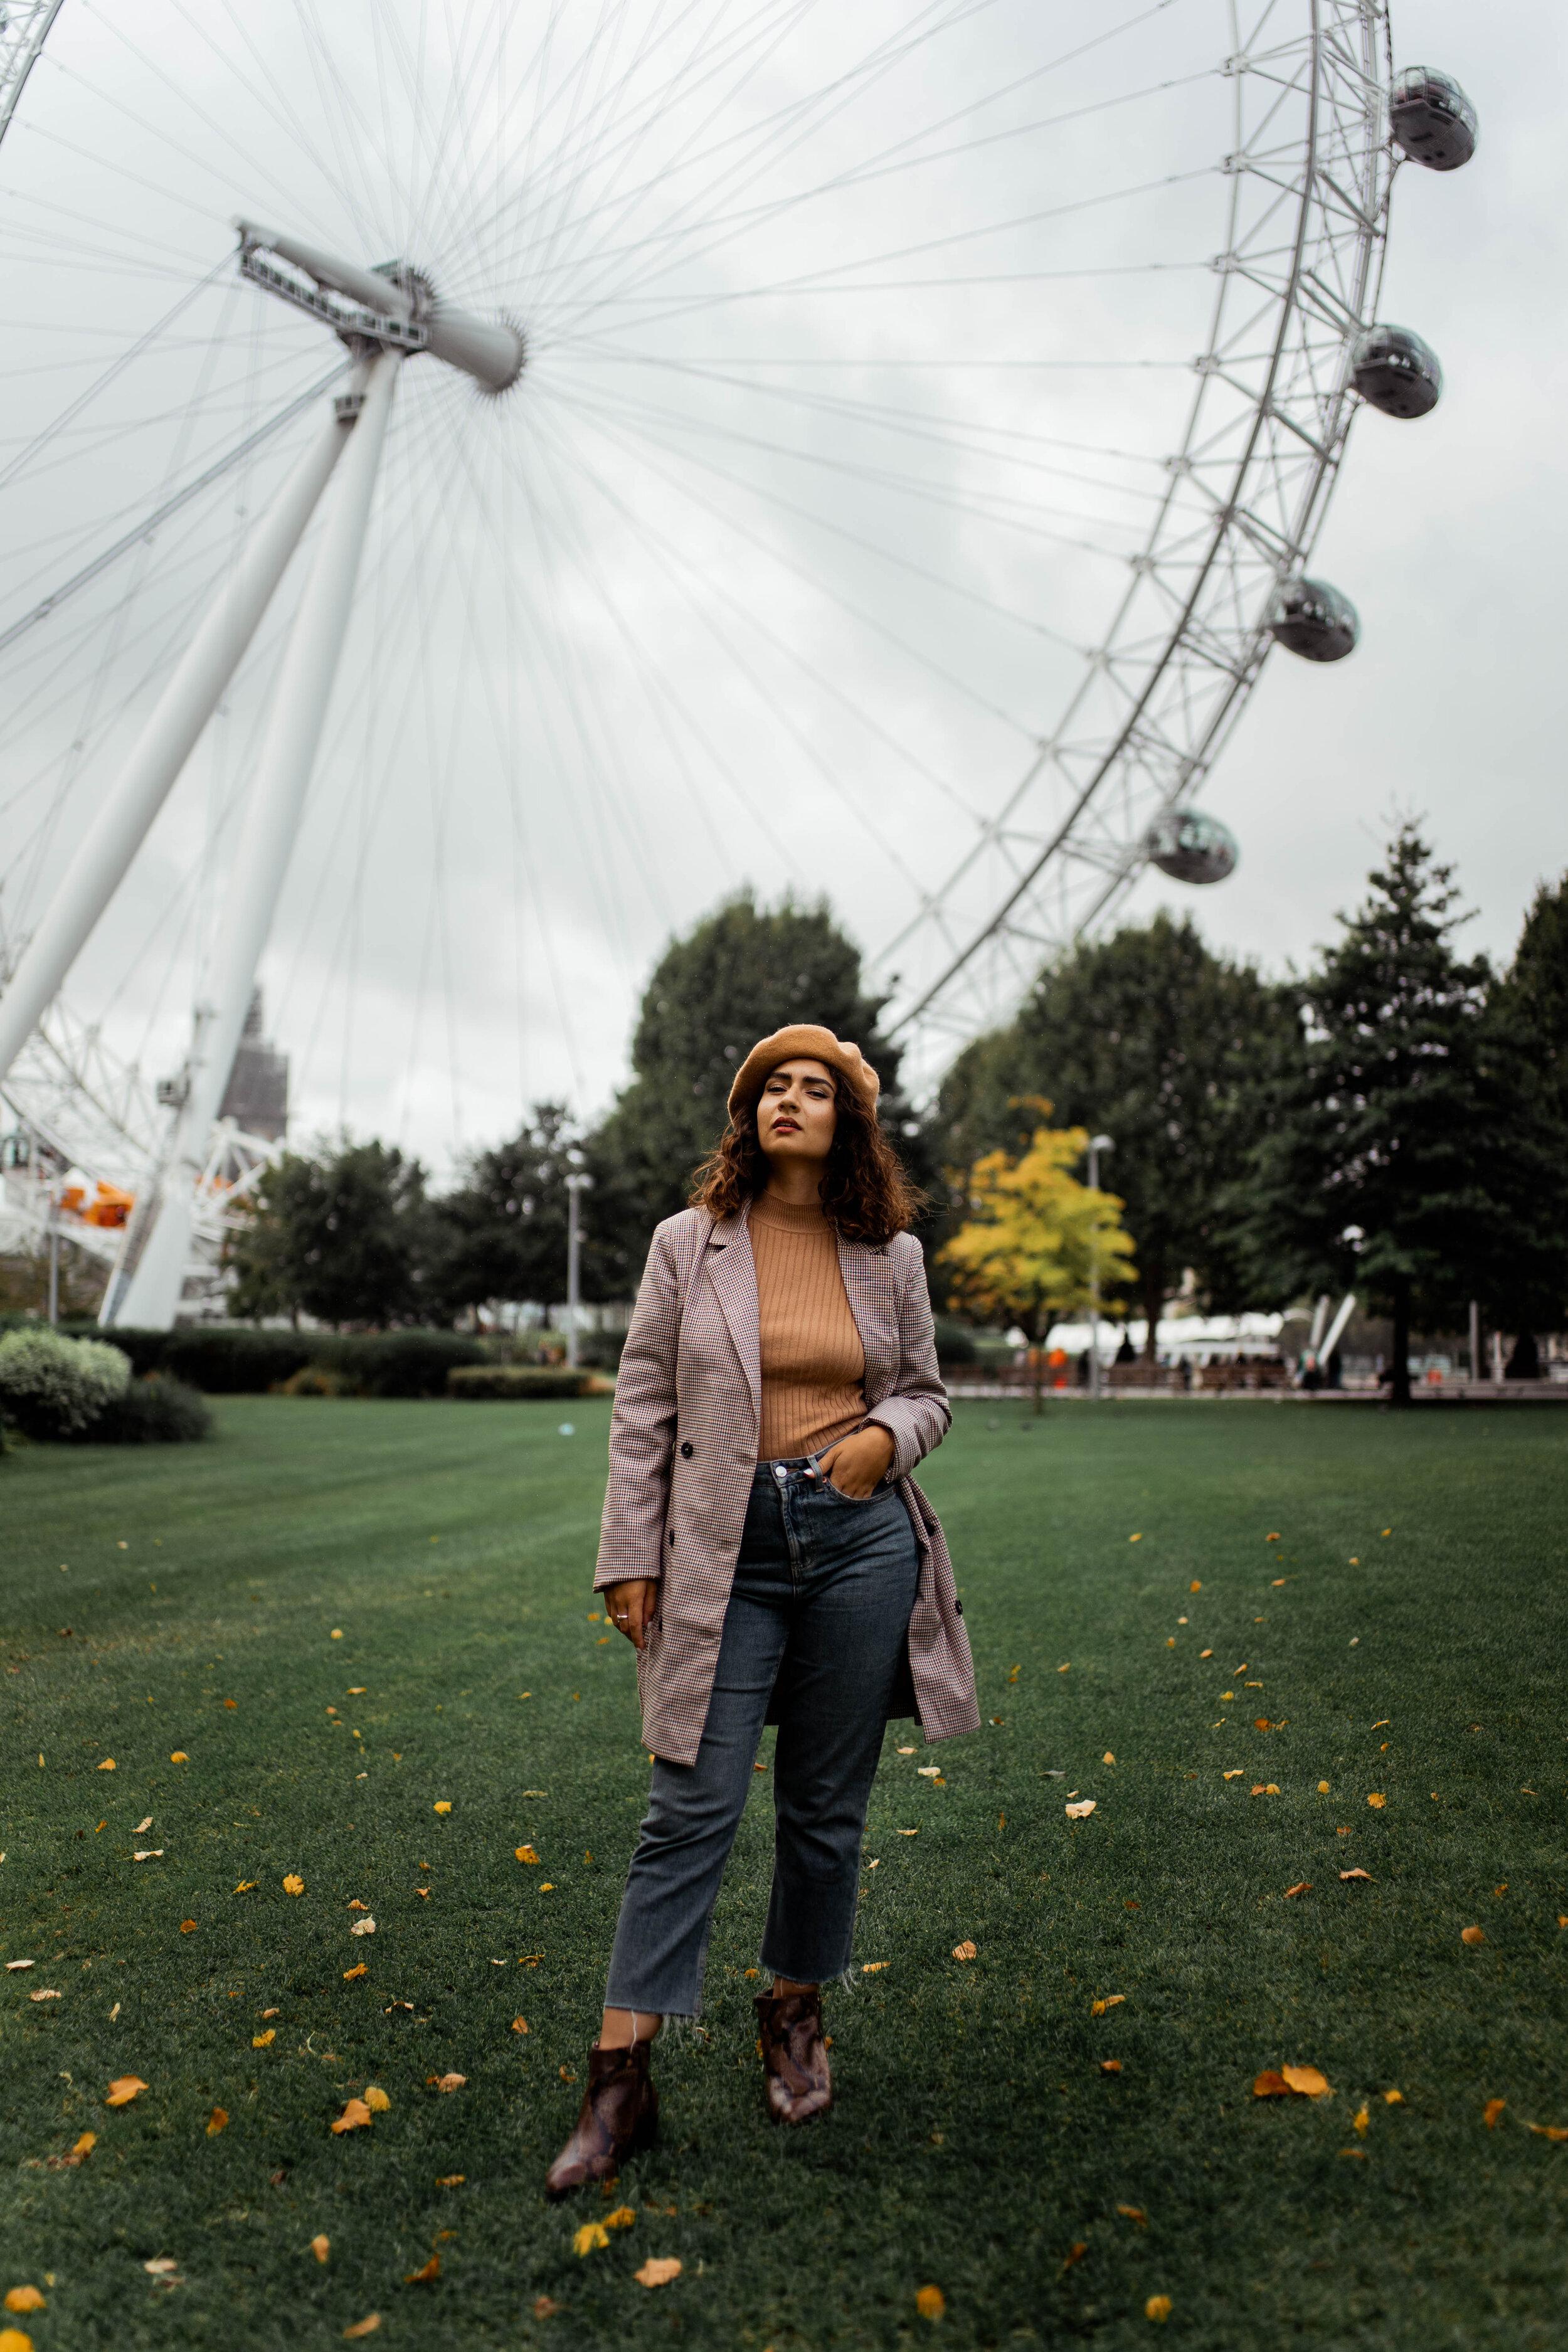 London, PFH, Jubilee Gardens, London Eye, Instagram Guide